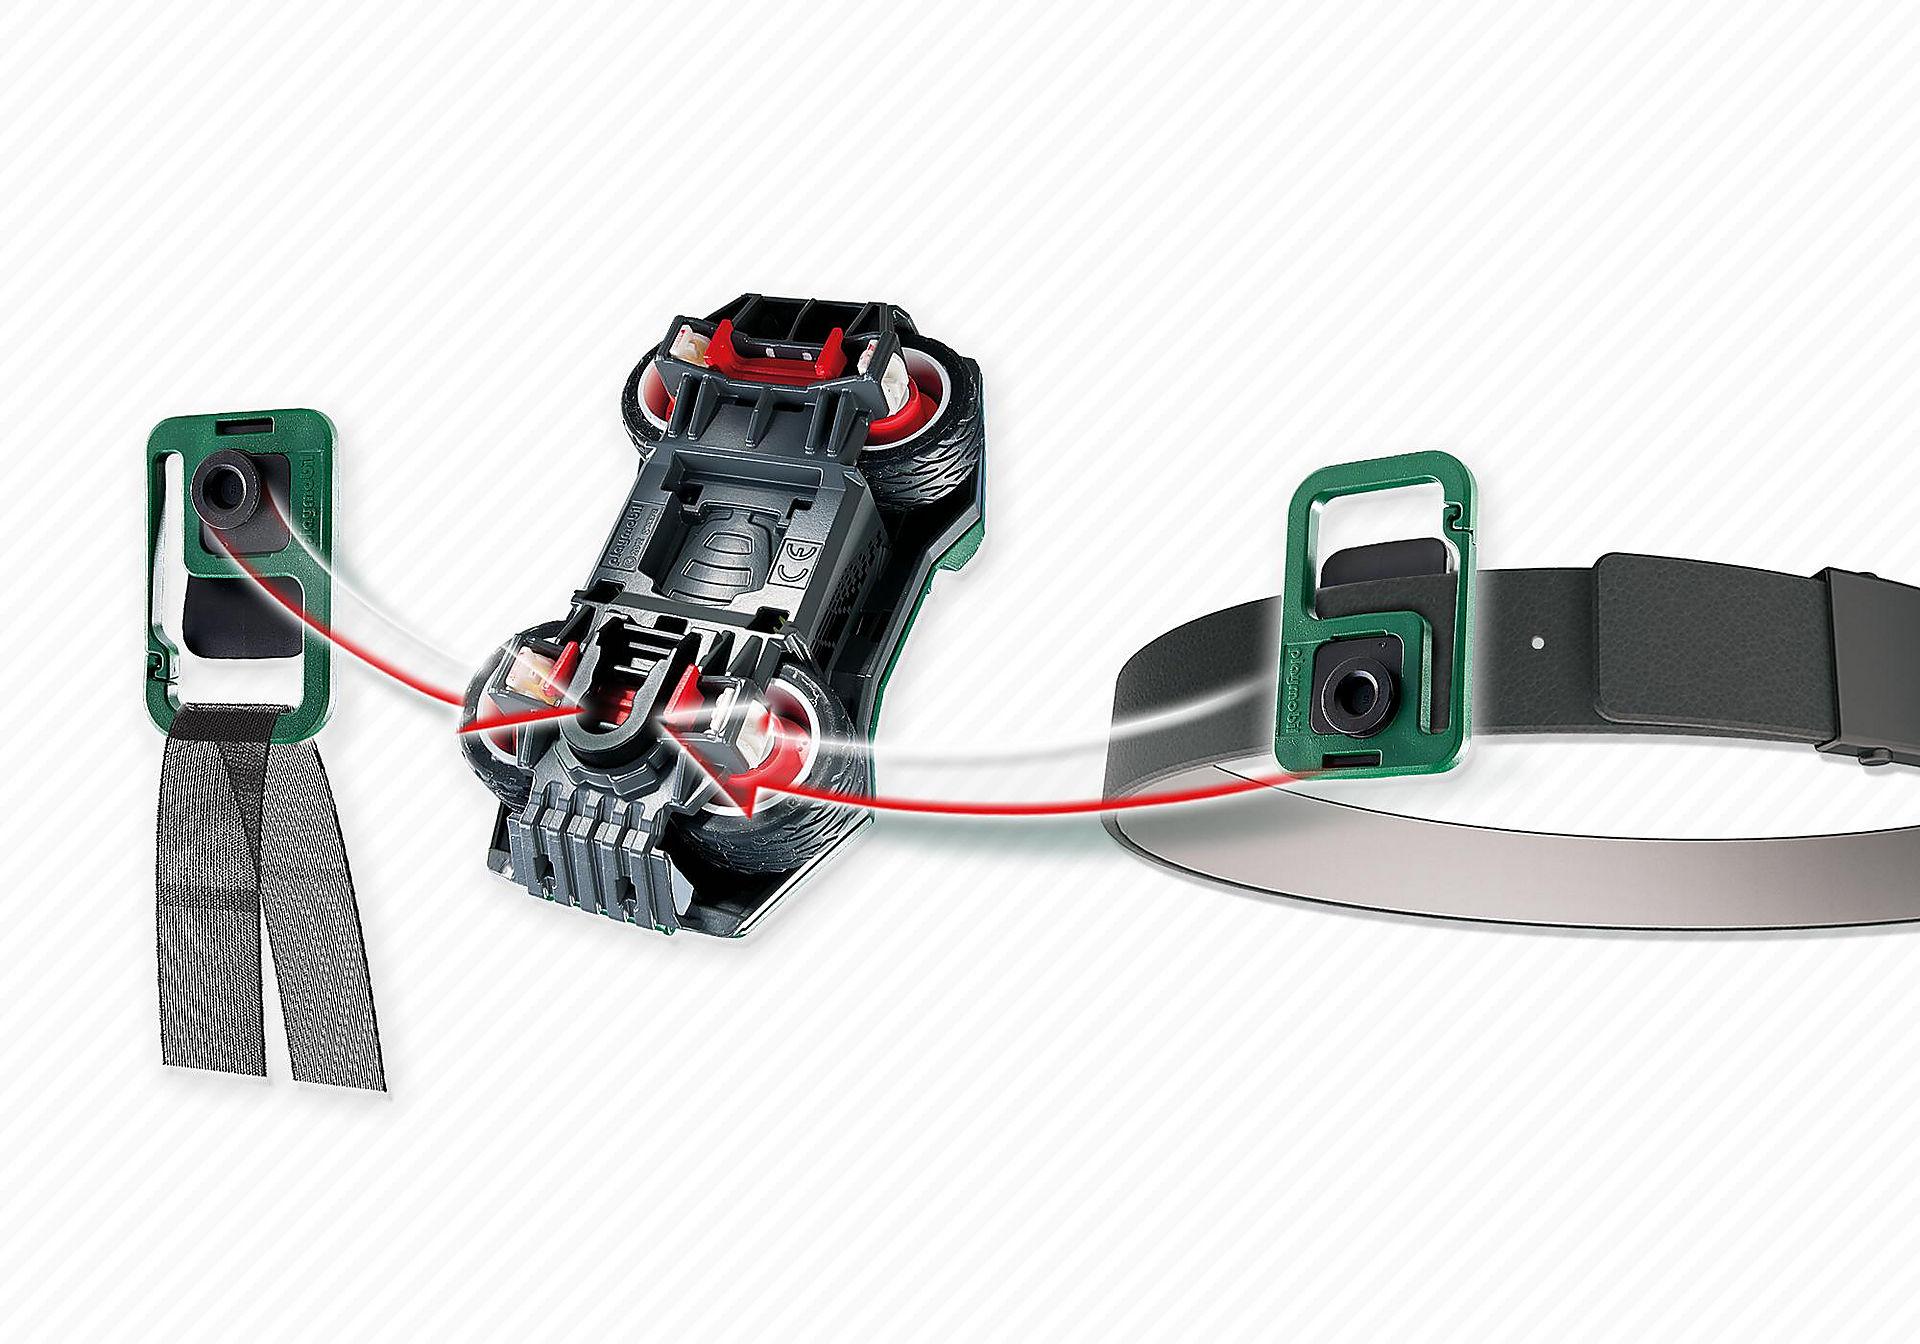 http://media.playmobil.com/i/playmobil/5160_product_extra1/Click & Go Snake Racer